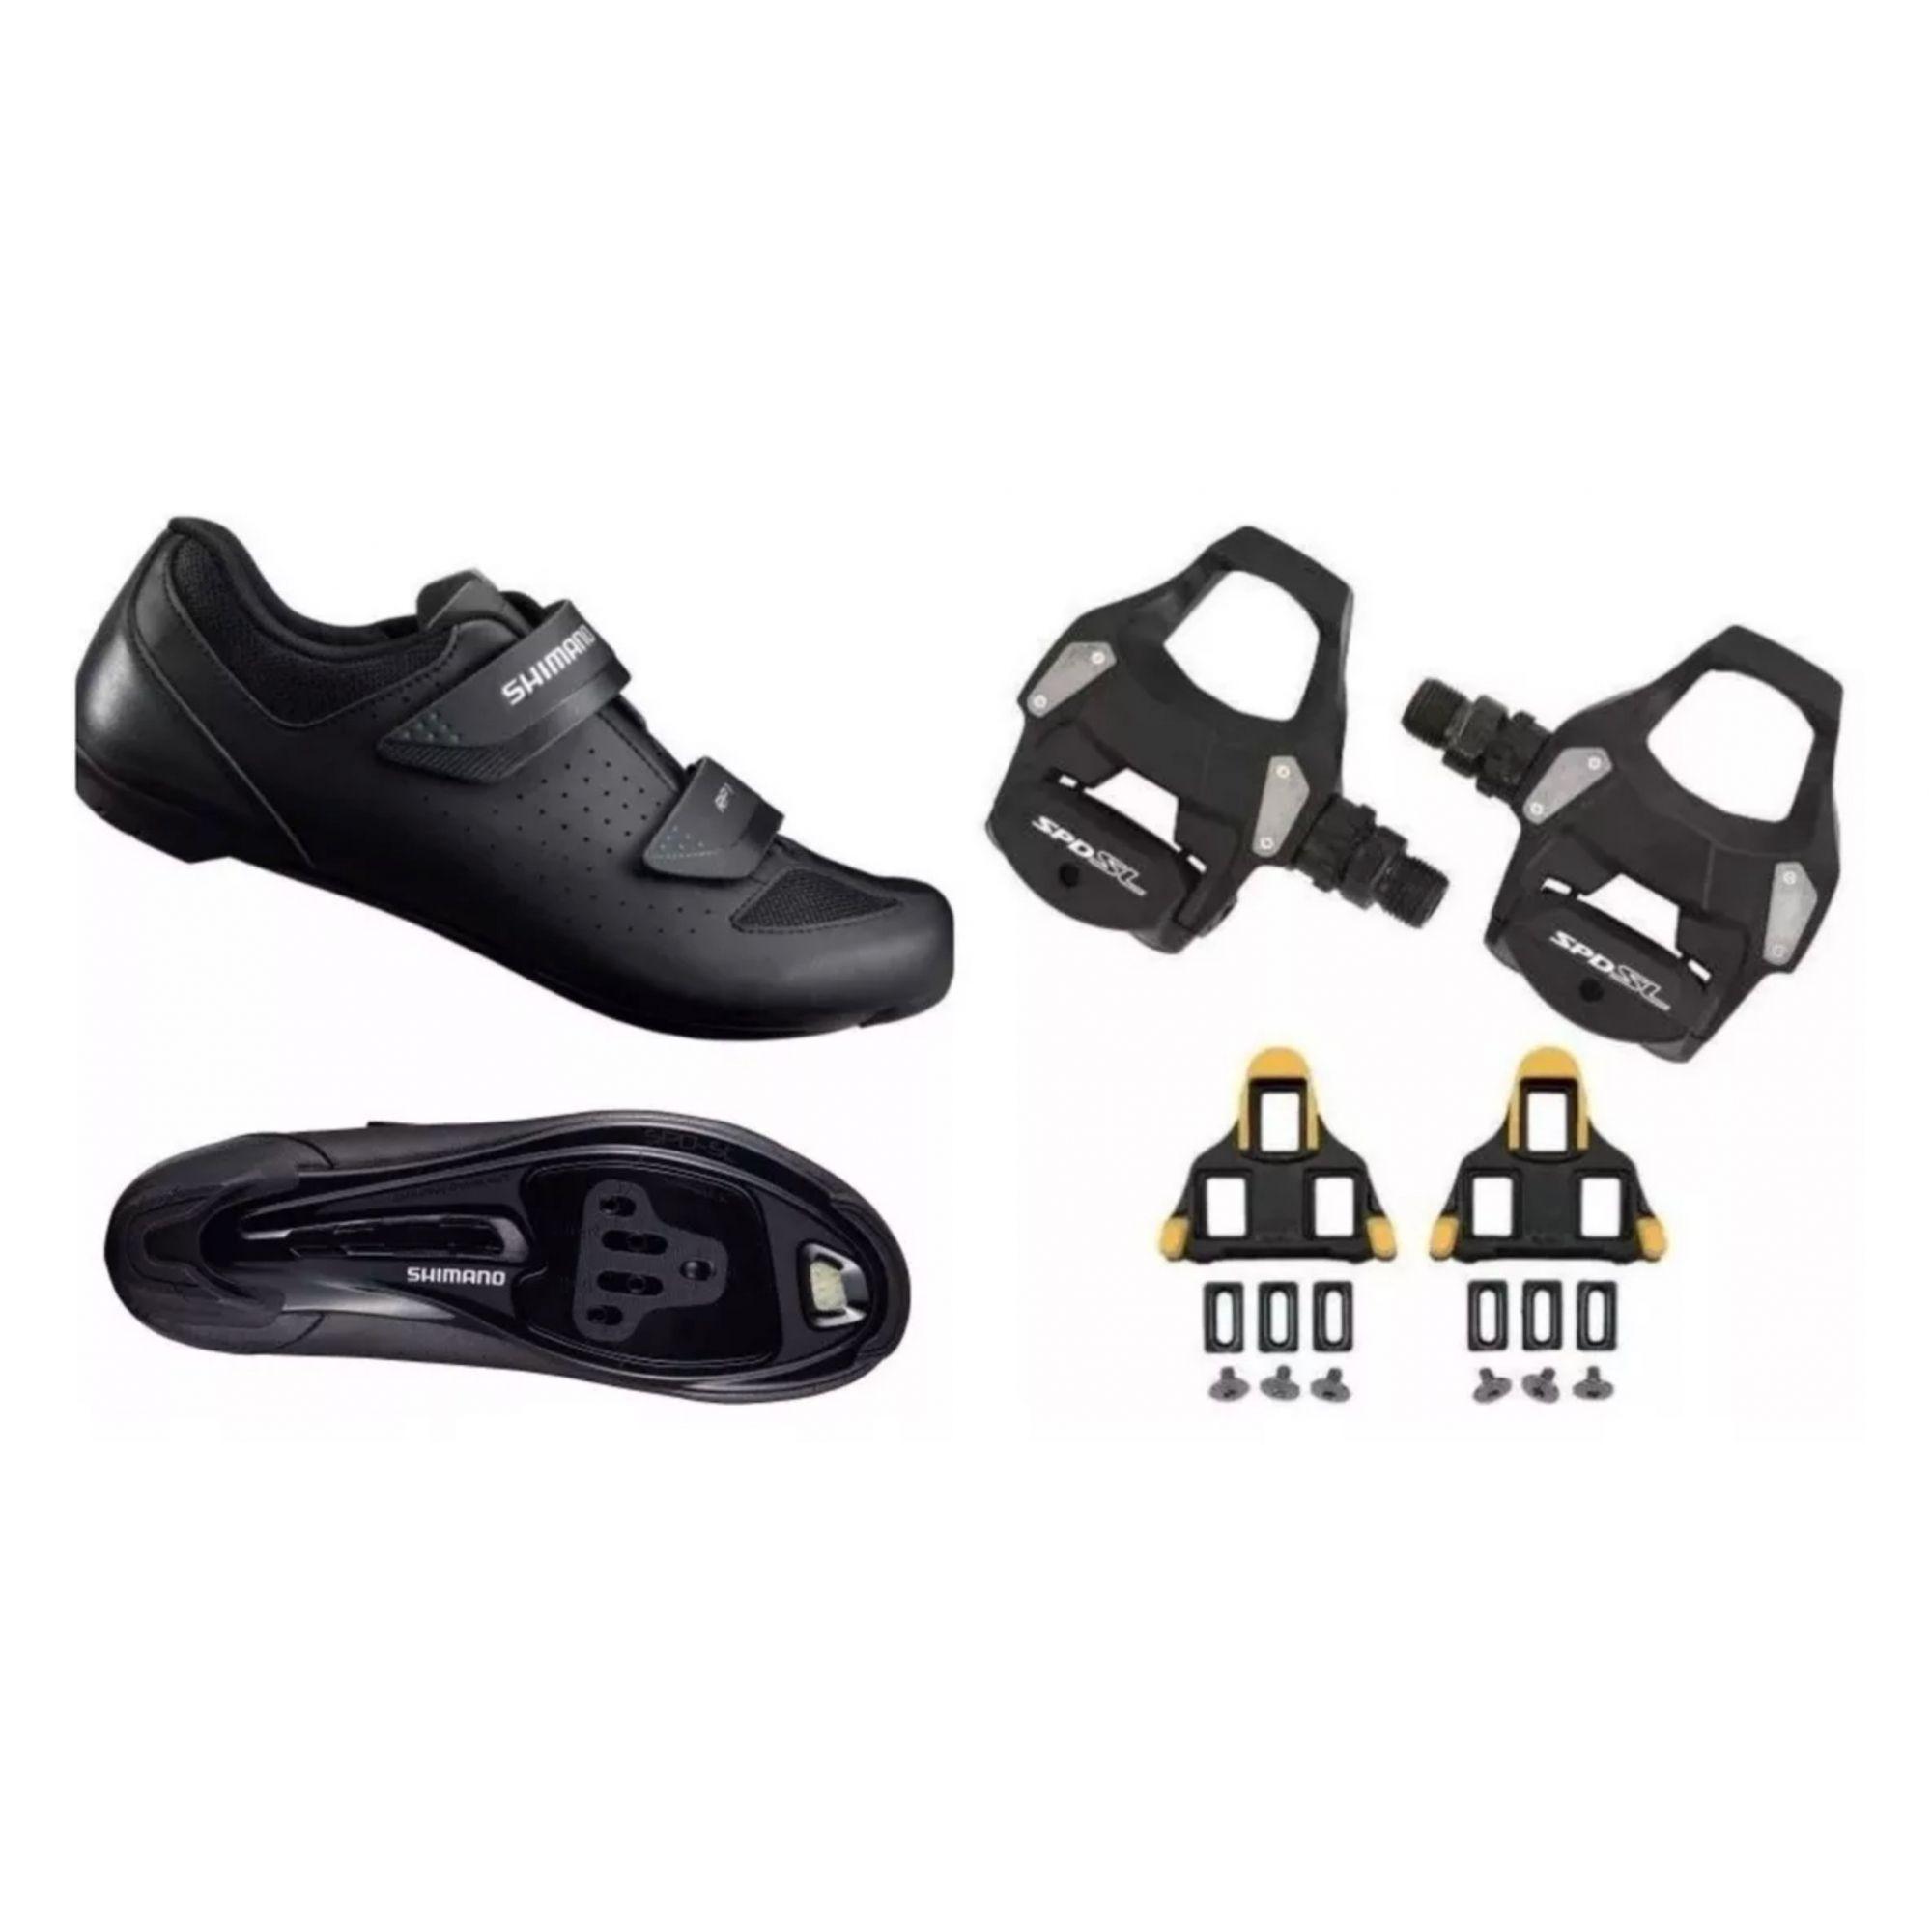 Sapatilha Shimano Ciclismo Rp1 Rp100 + Pedal Rs500 + Tacos